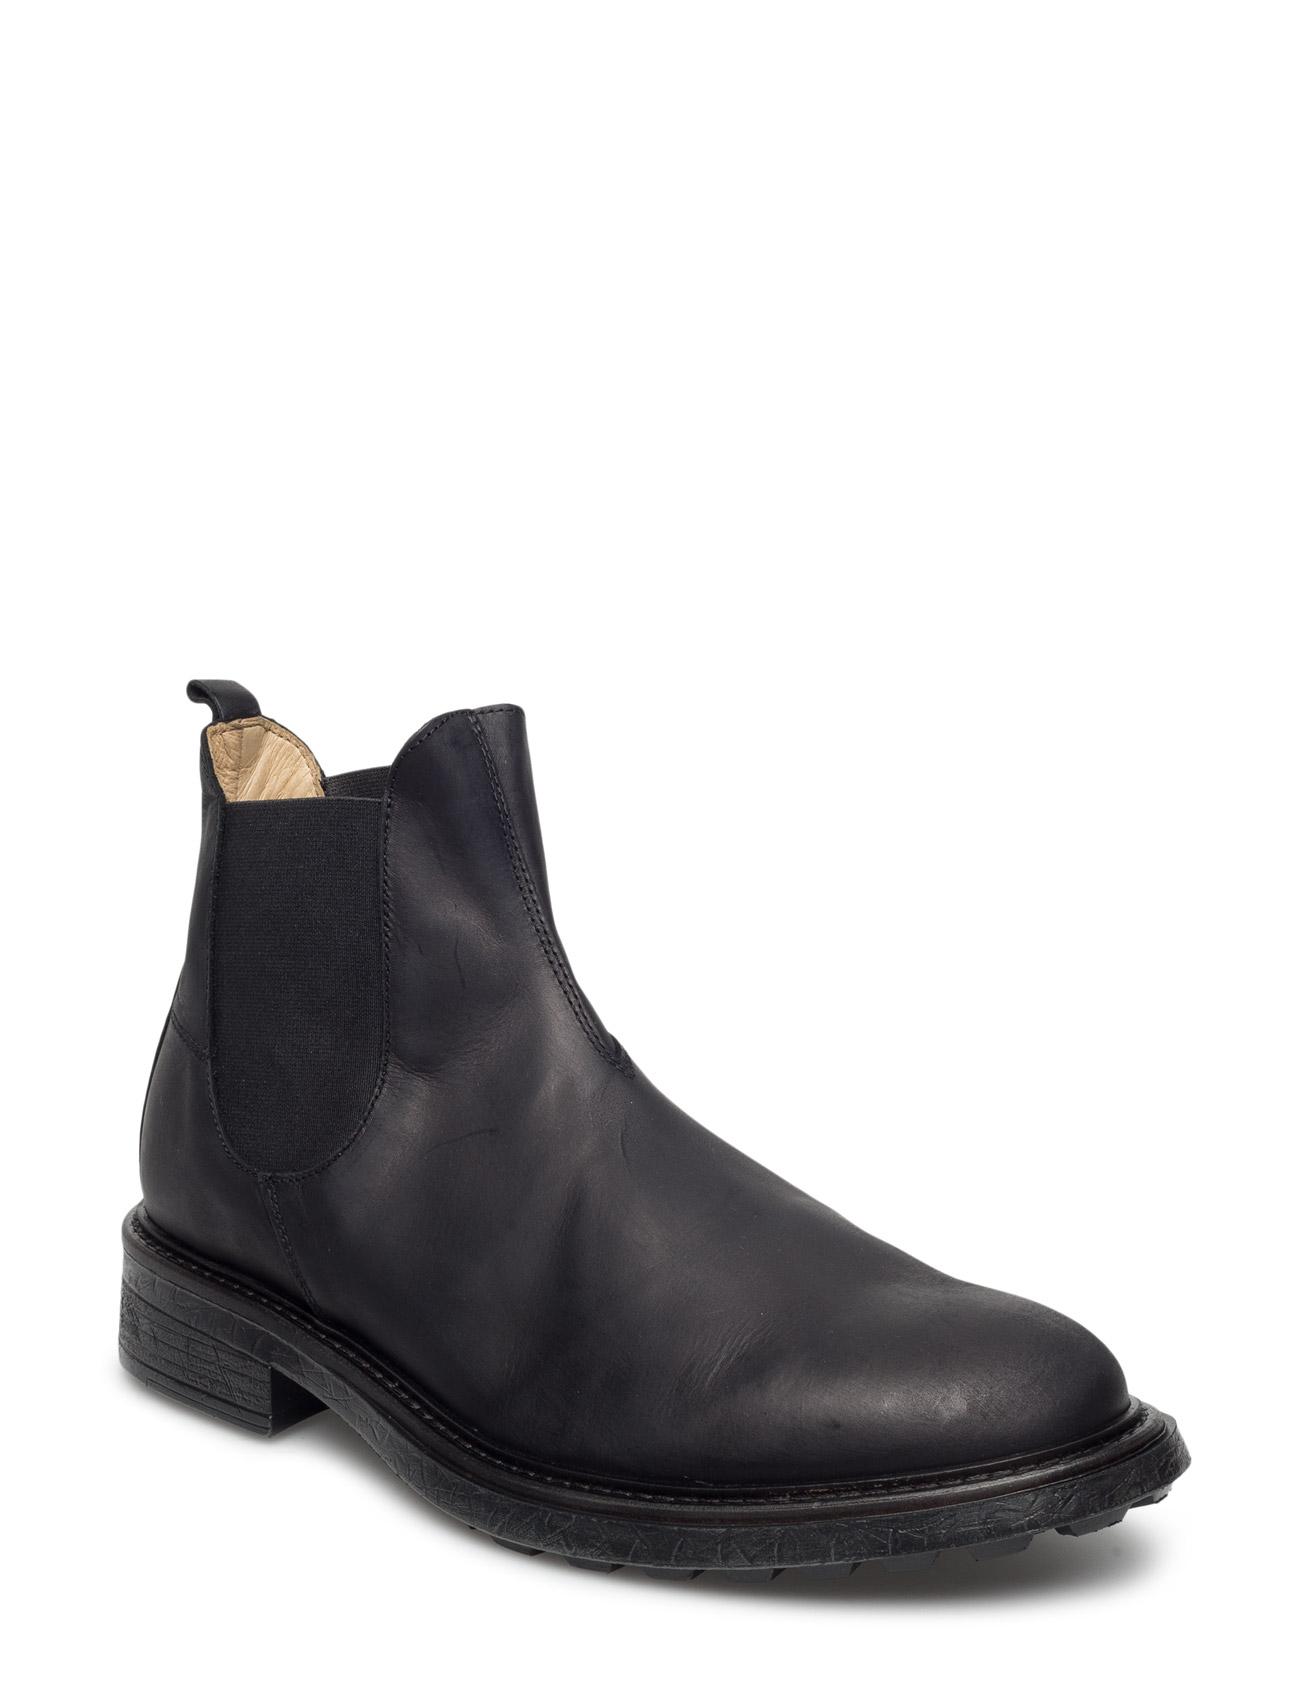 Denne Nubuck Hudson London Støvler til Mænd i Sort